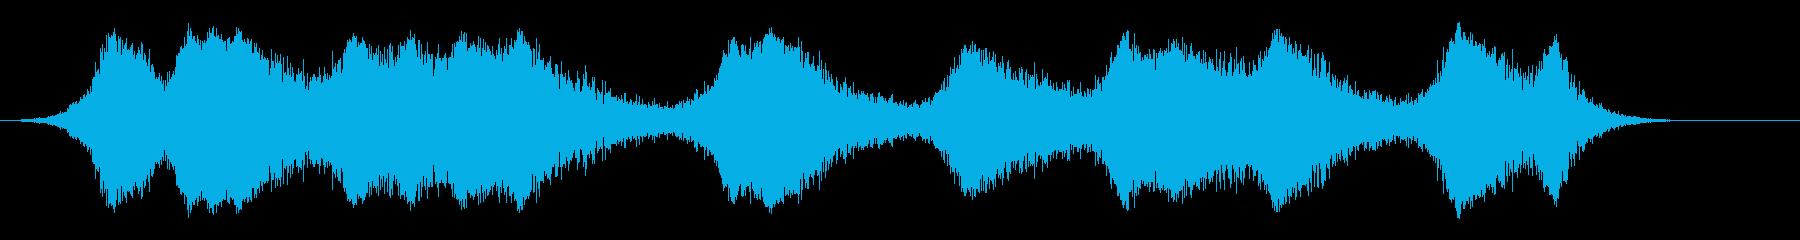 インディライツカー;トンネル内(1...の再生済みの波形